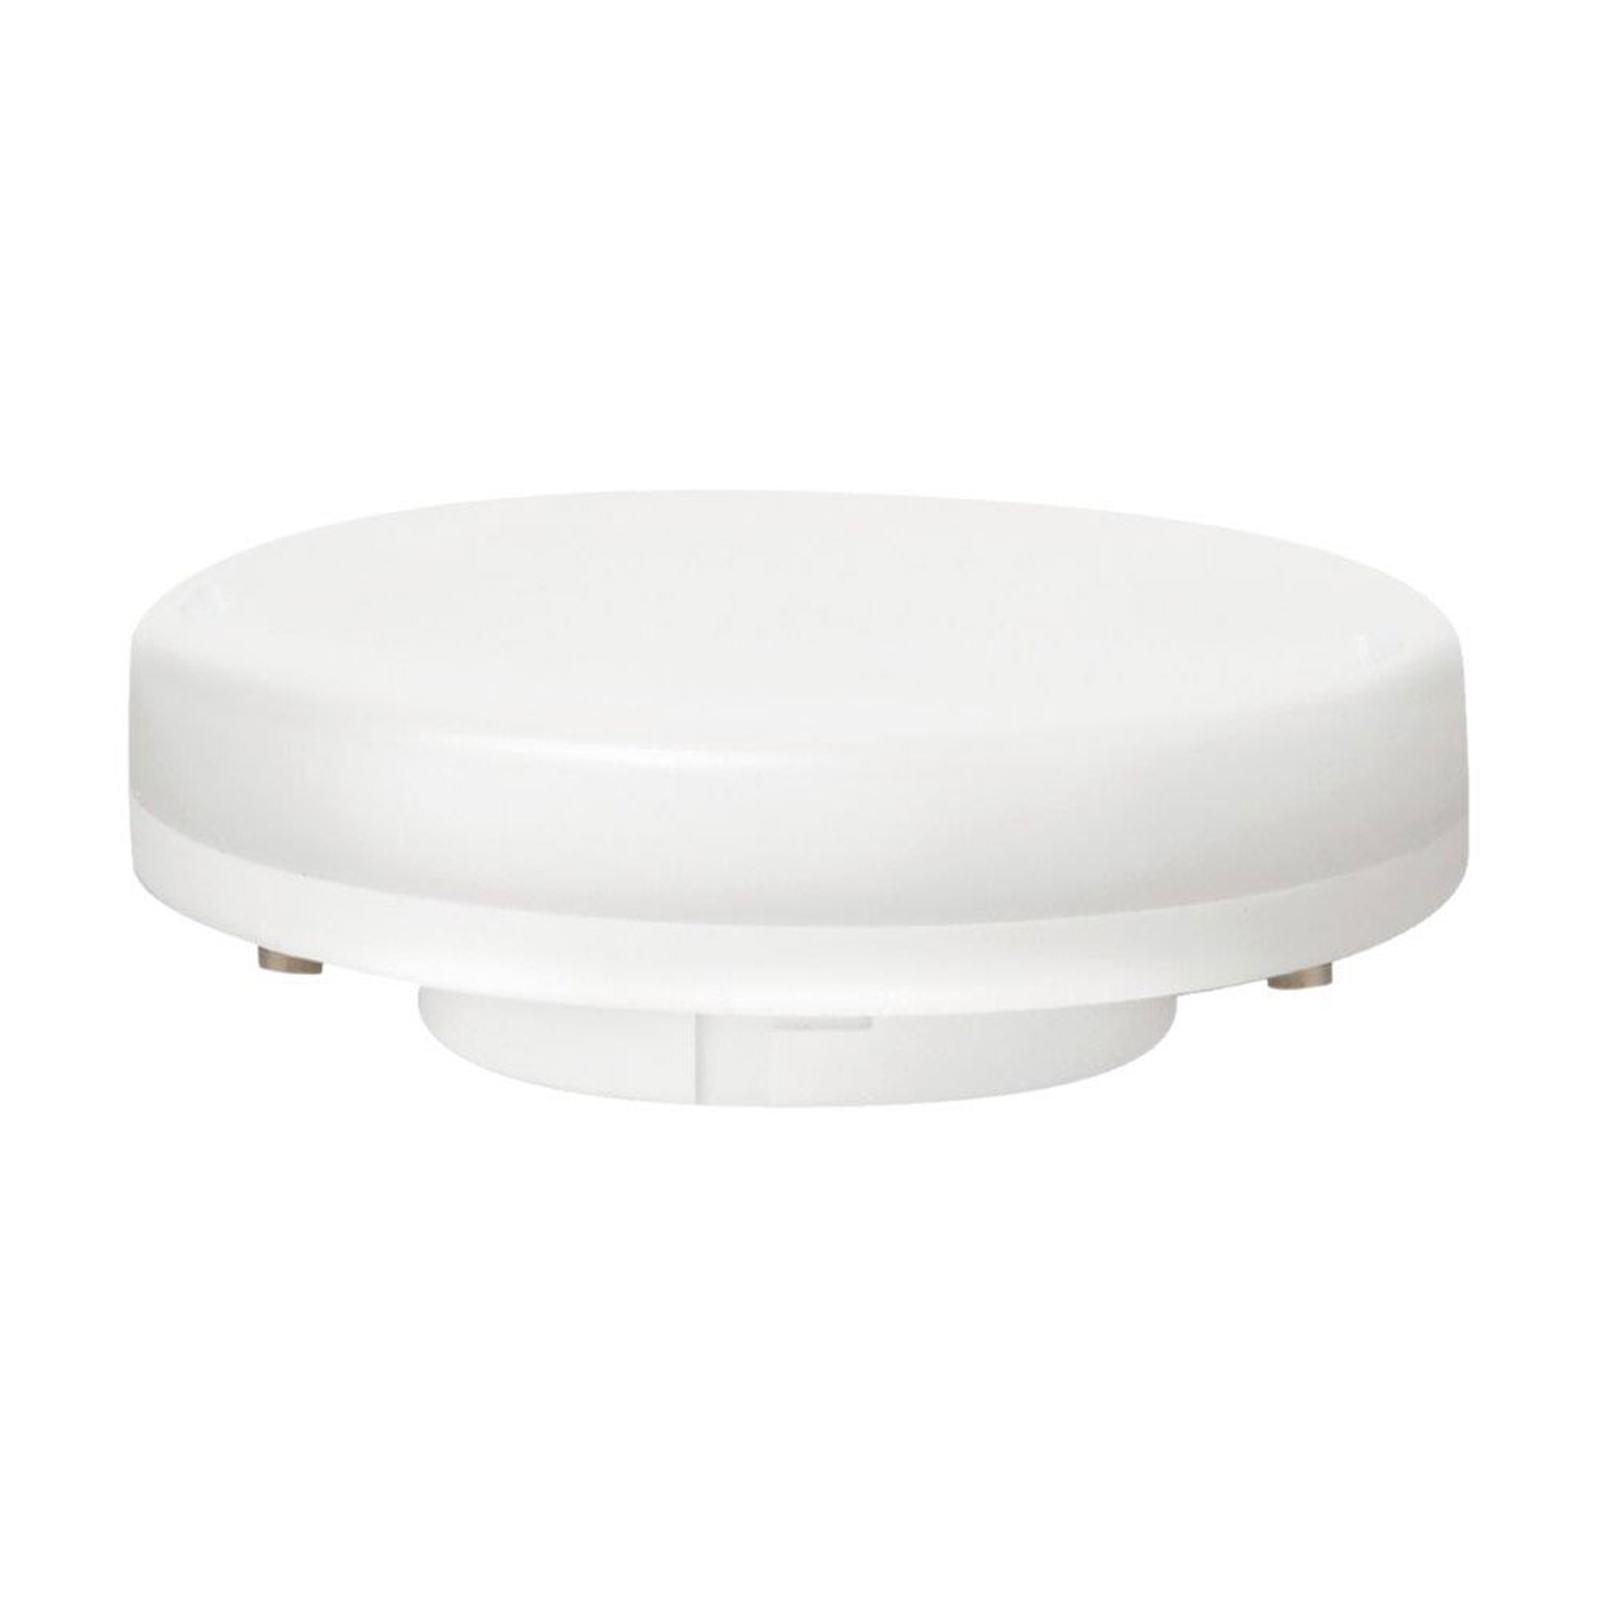 Żarówka LED GX53, 6,5 W, 650 lm, 3000K matowa